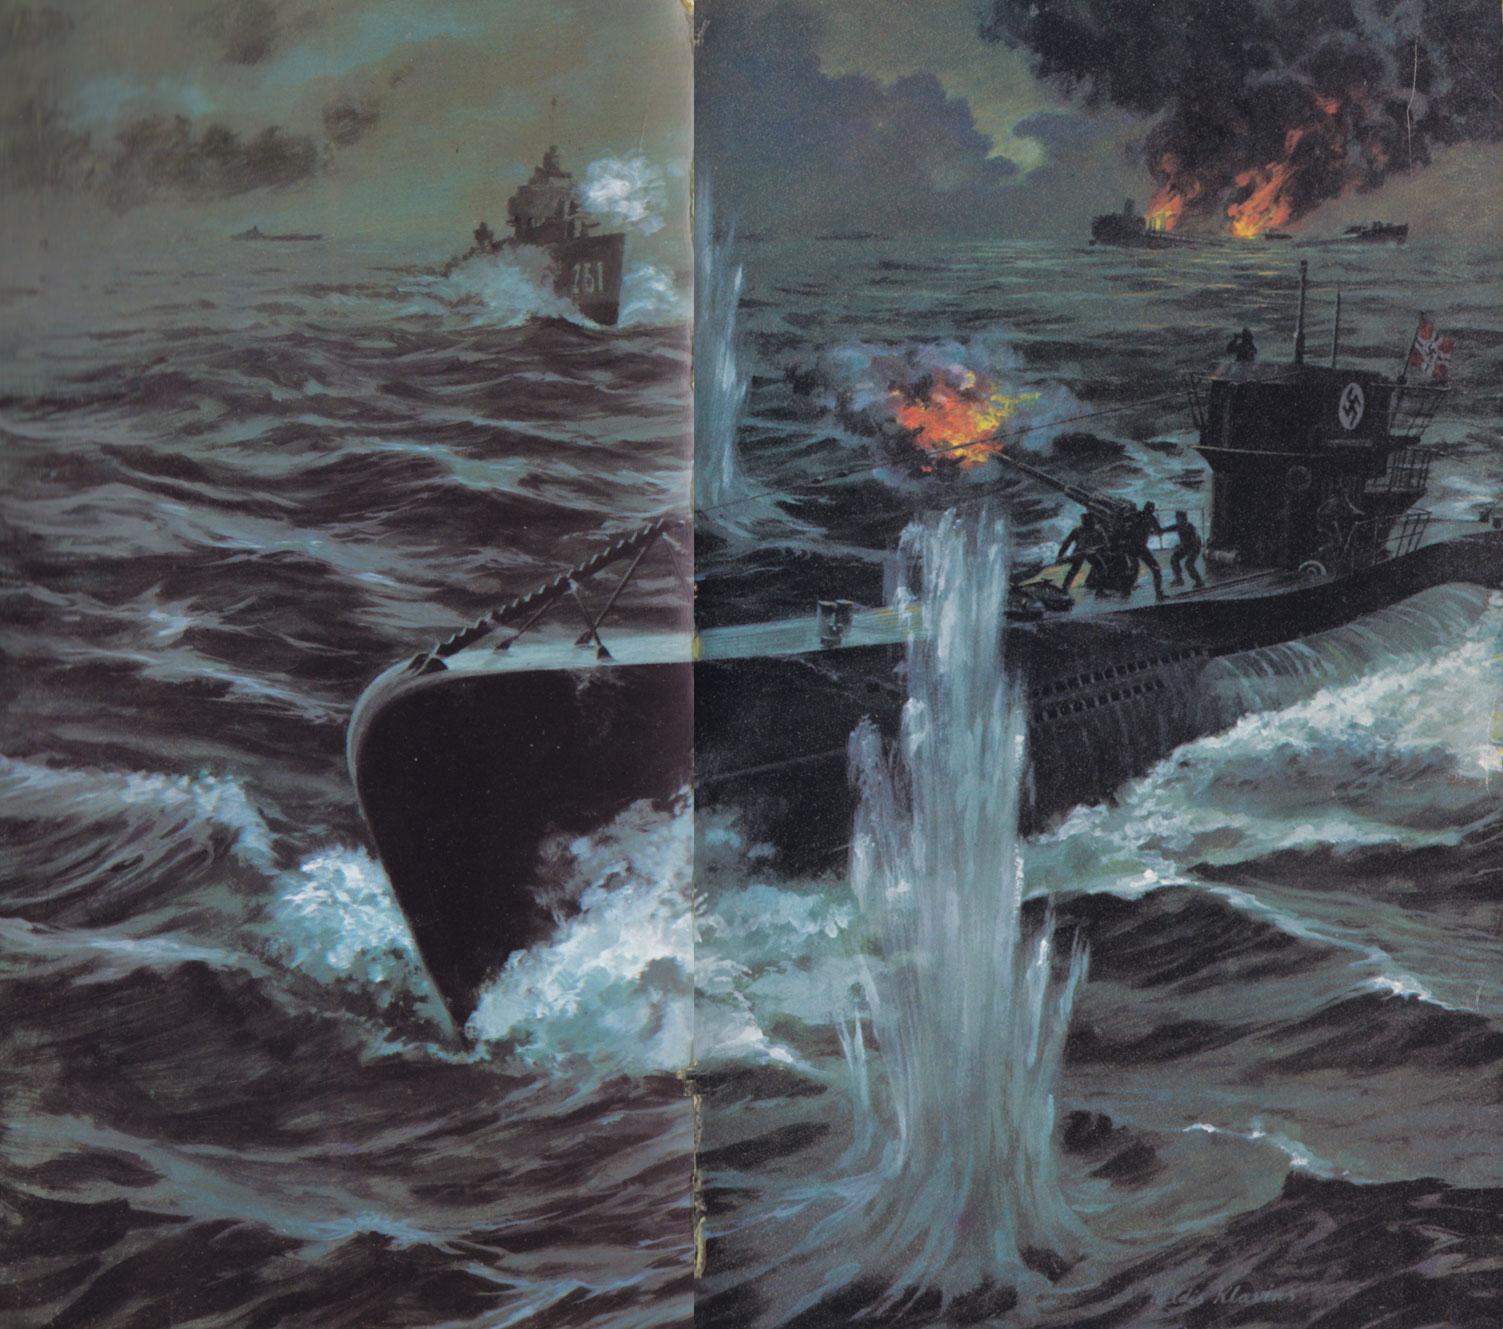 Cool world war ii cover art u boats at war